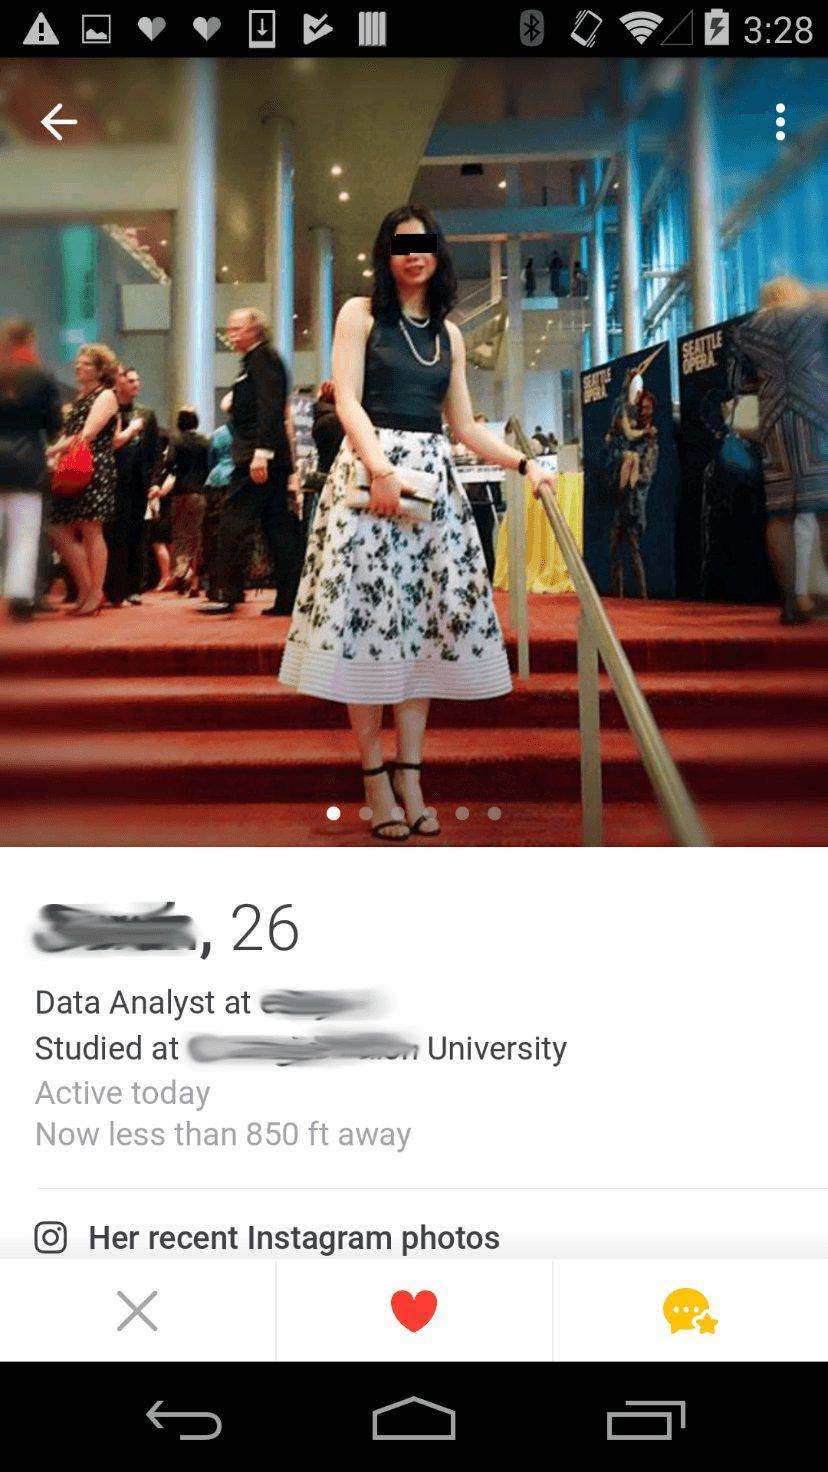 Tinder dating app user information